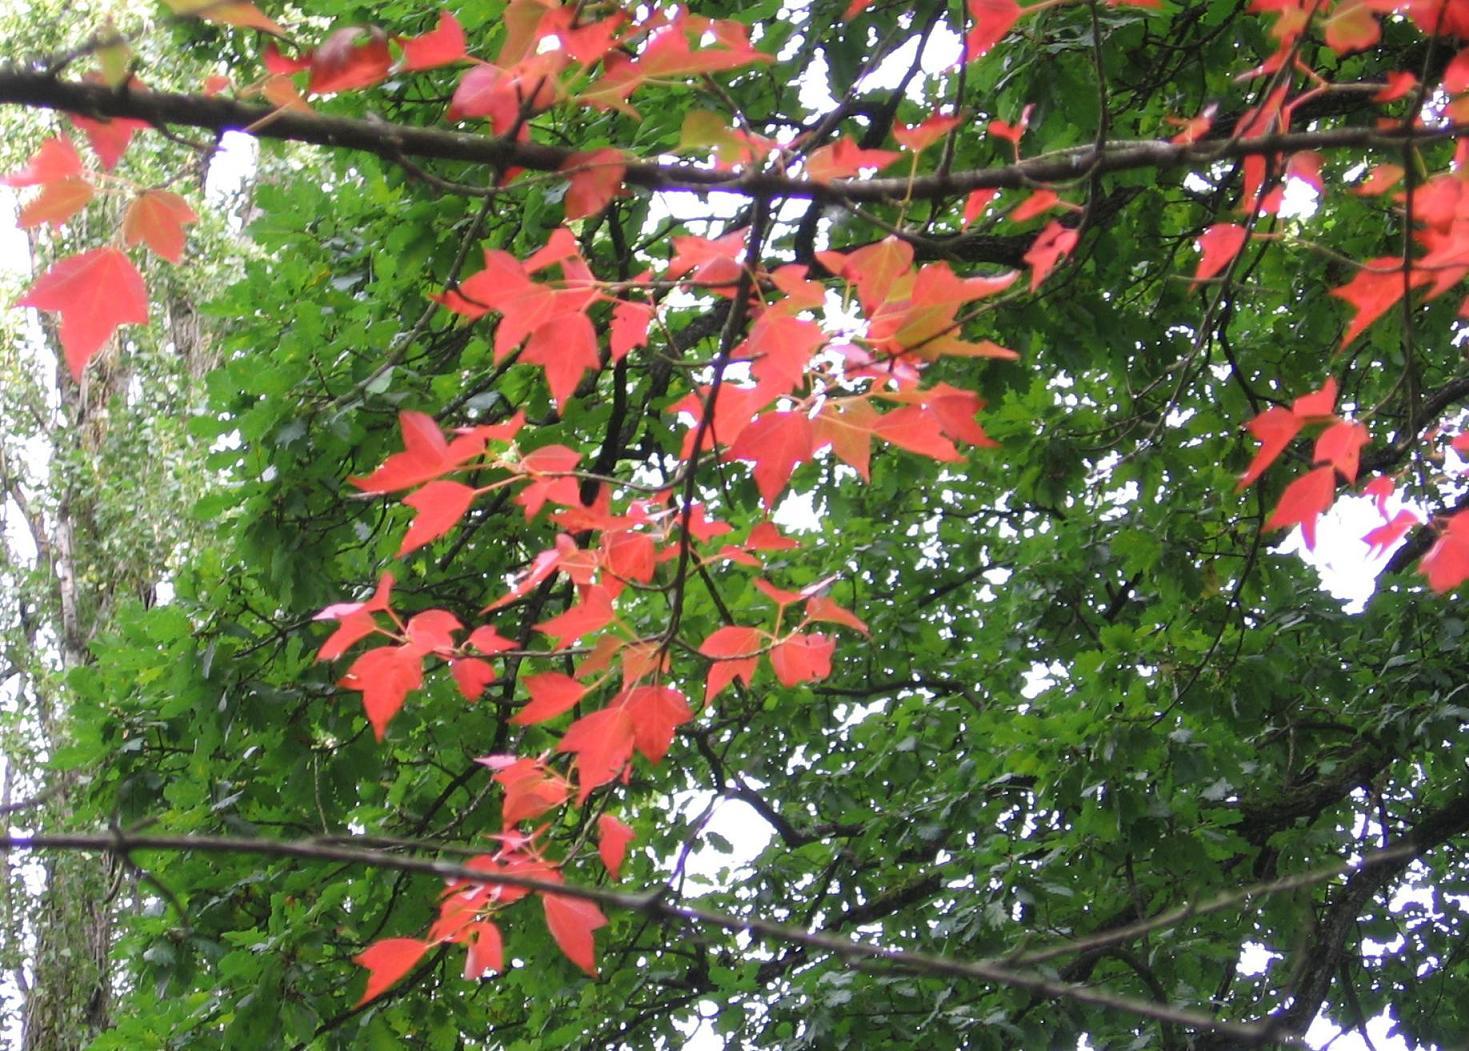 jardin-botan-saverne-feuilles-rouges.jpg